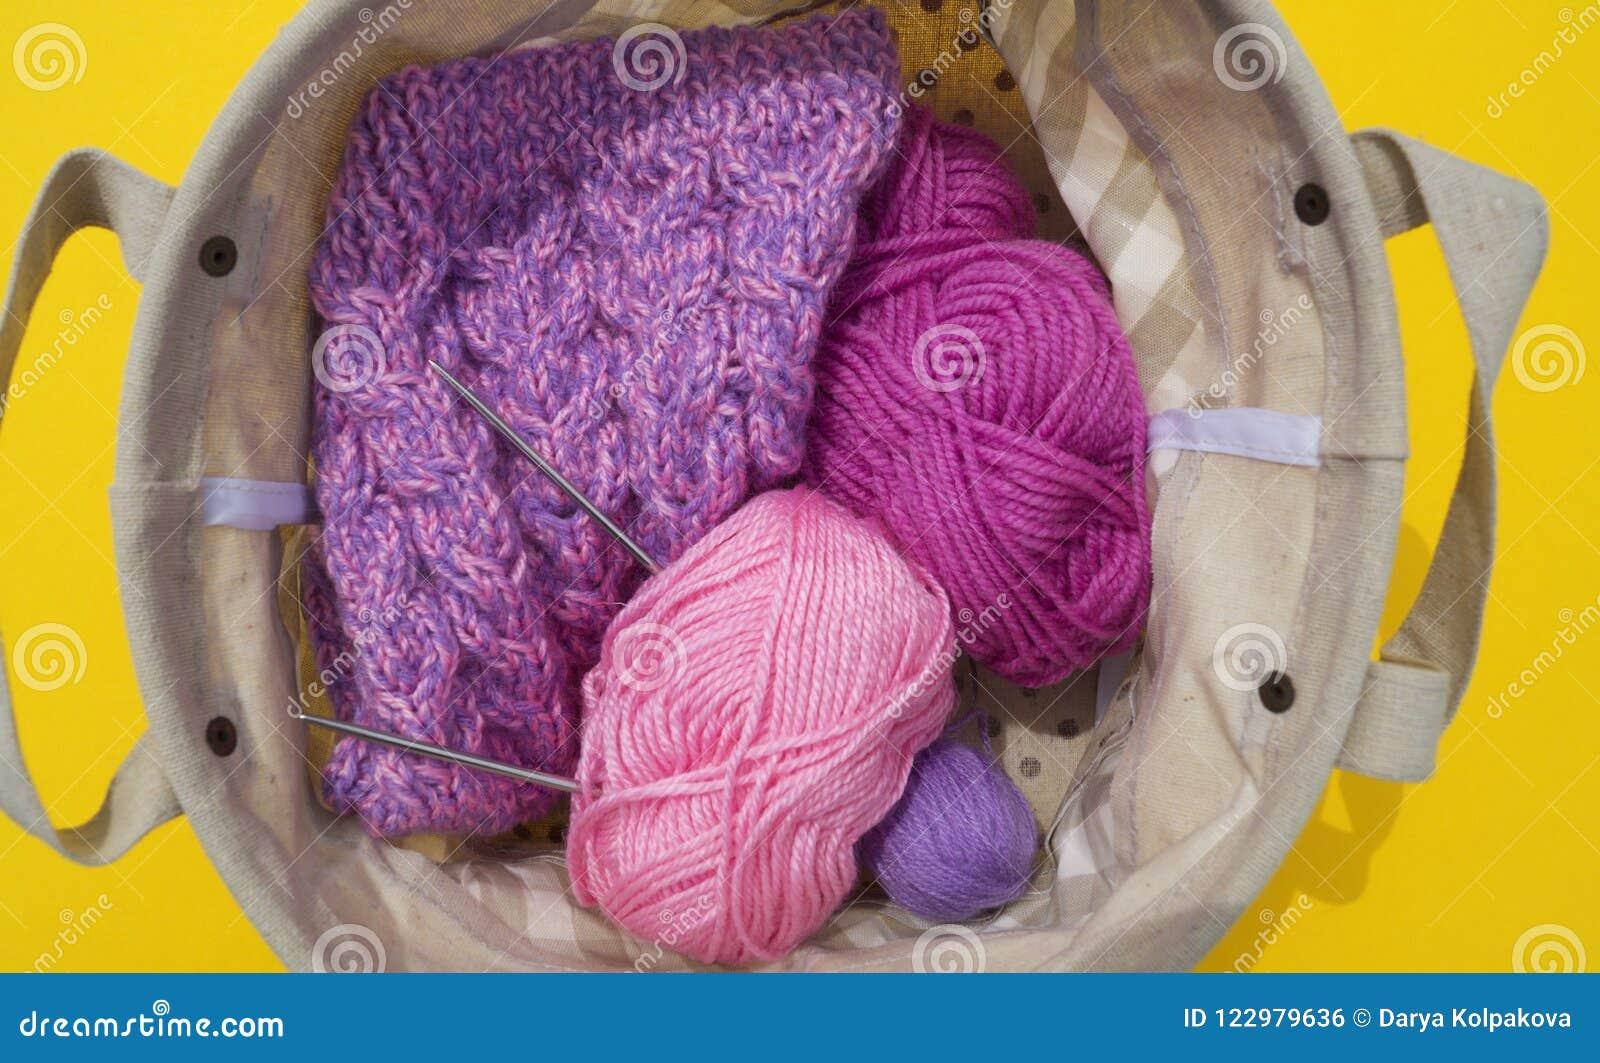 Lilac, roze en purpere verwarring van draden ligt in een mand op een gele achtergrond De favoriete hobby is creatief